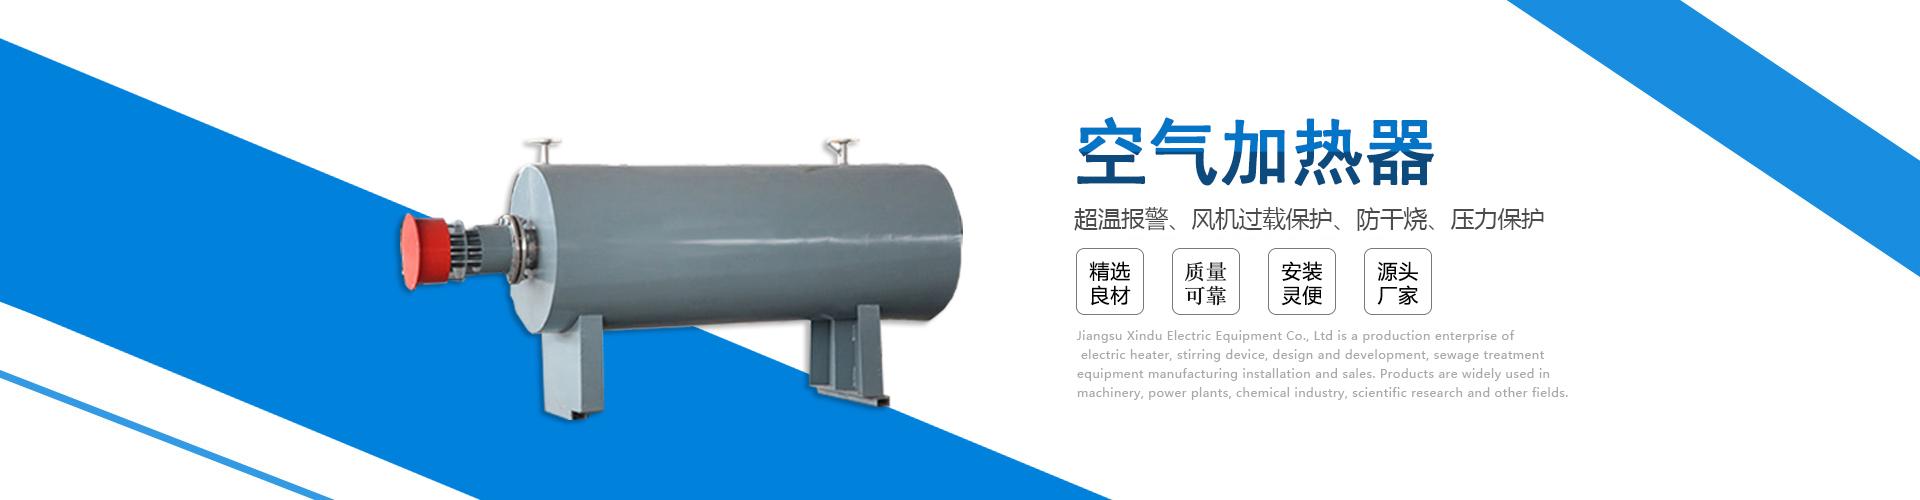 江苏鑫都电热设备有限公司